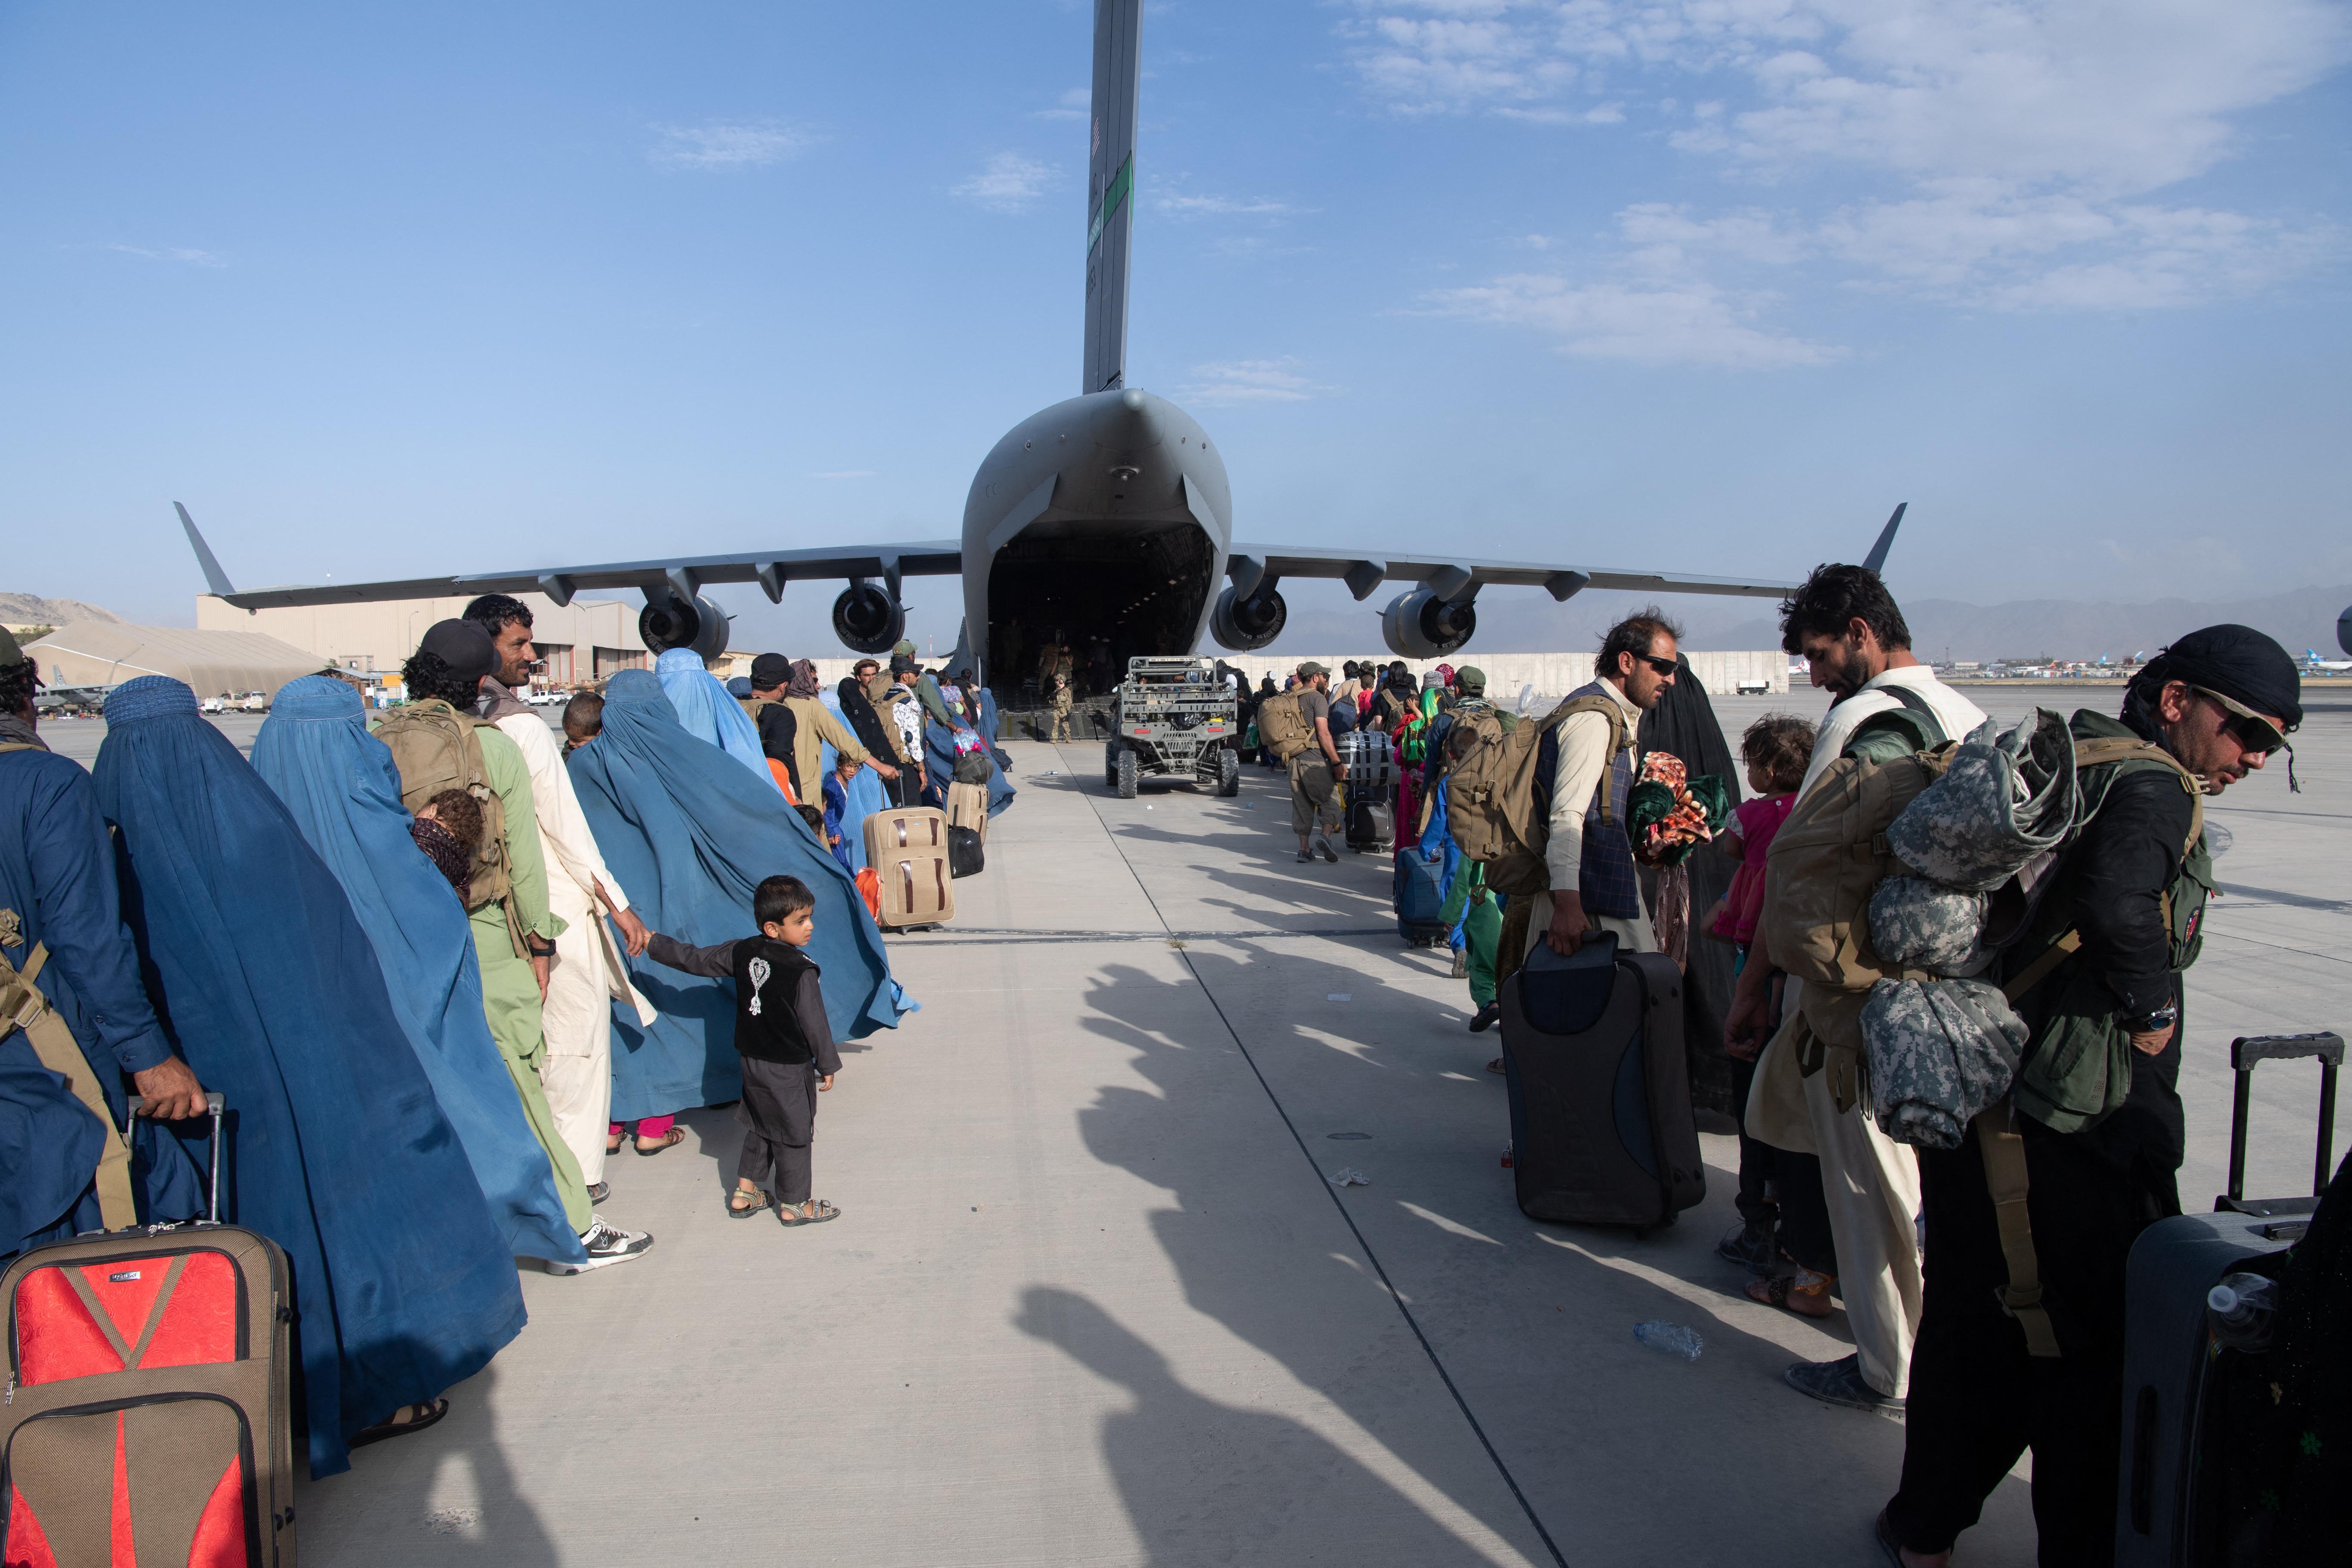 Biztonságosan elhagyta Kabult az állatmenhelyével egy brit férfi, de az afgán segítőit ott hagyták